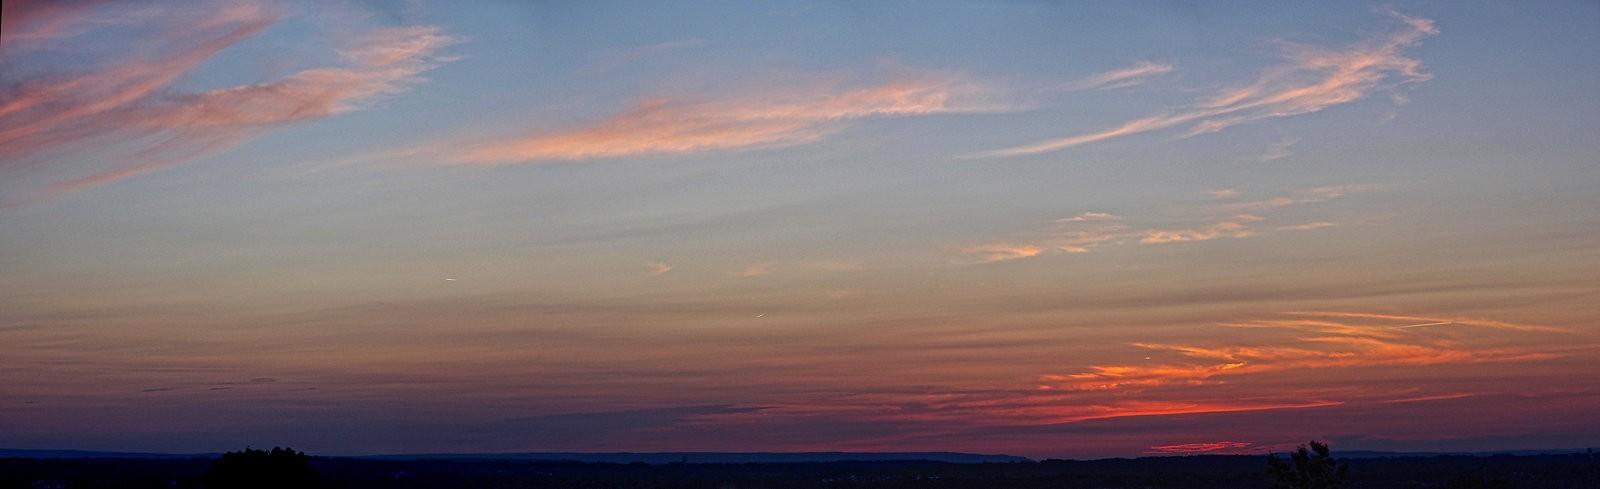 K5 frear sunset 015_stitchB_DxO-1.jpg